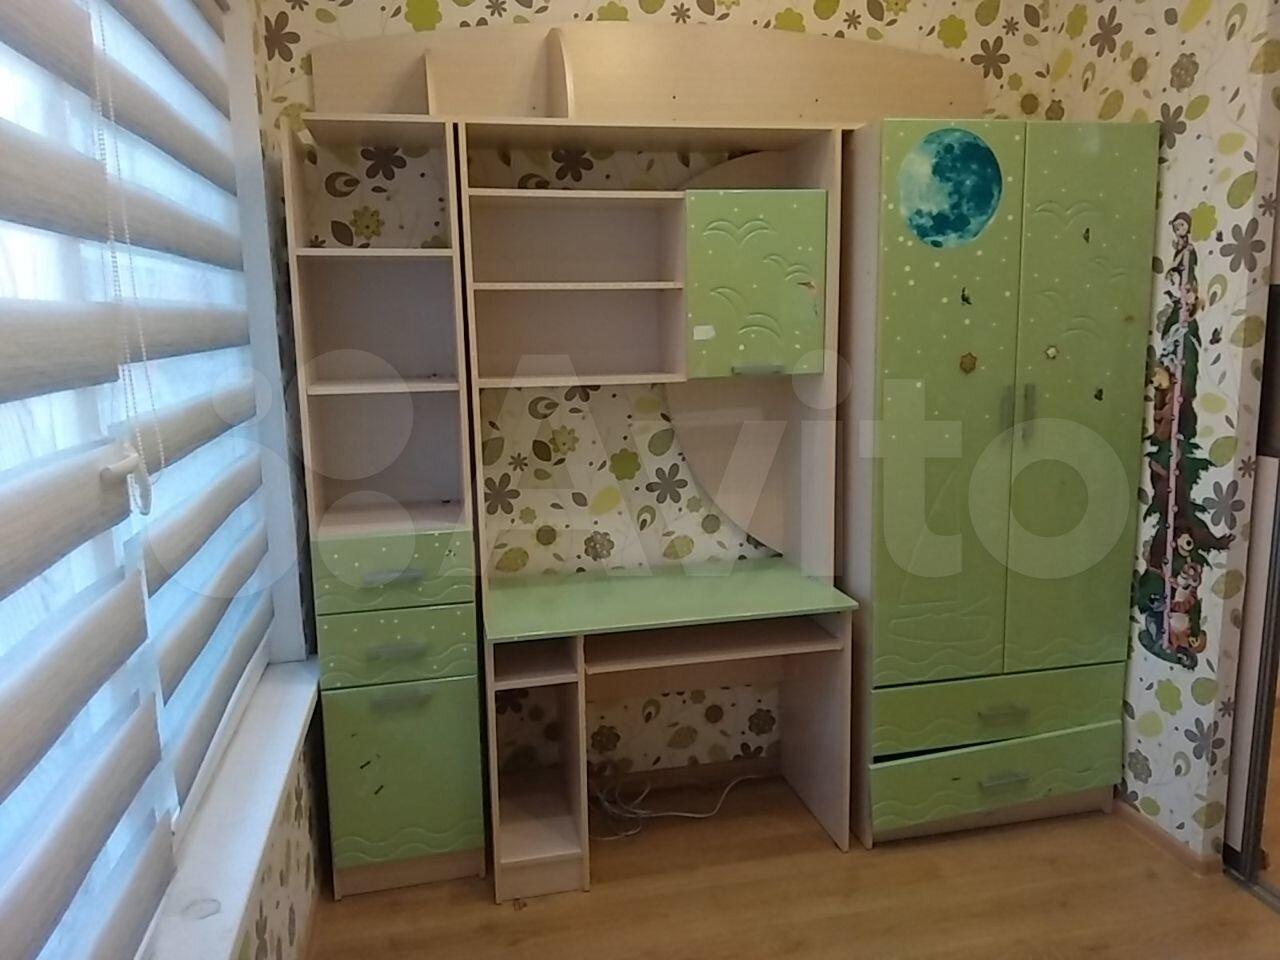 3-к квартира, 53 м², 8/11 эт.  89095705166 купить 3